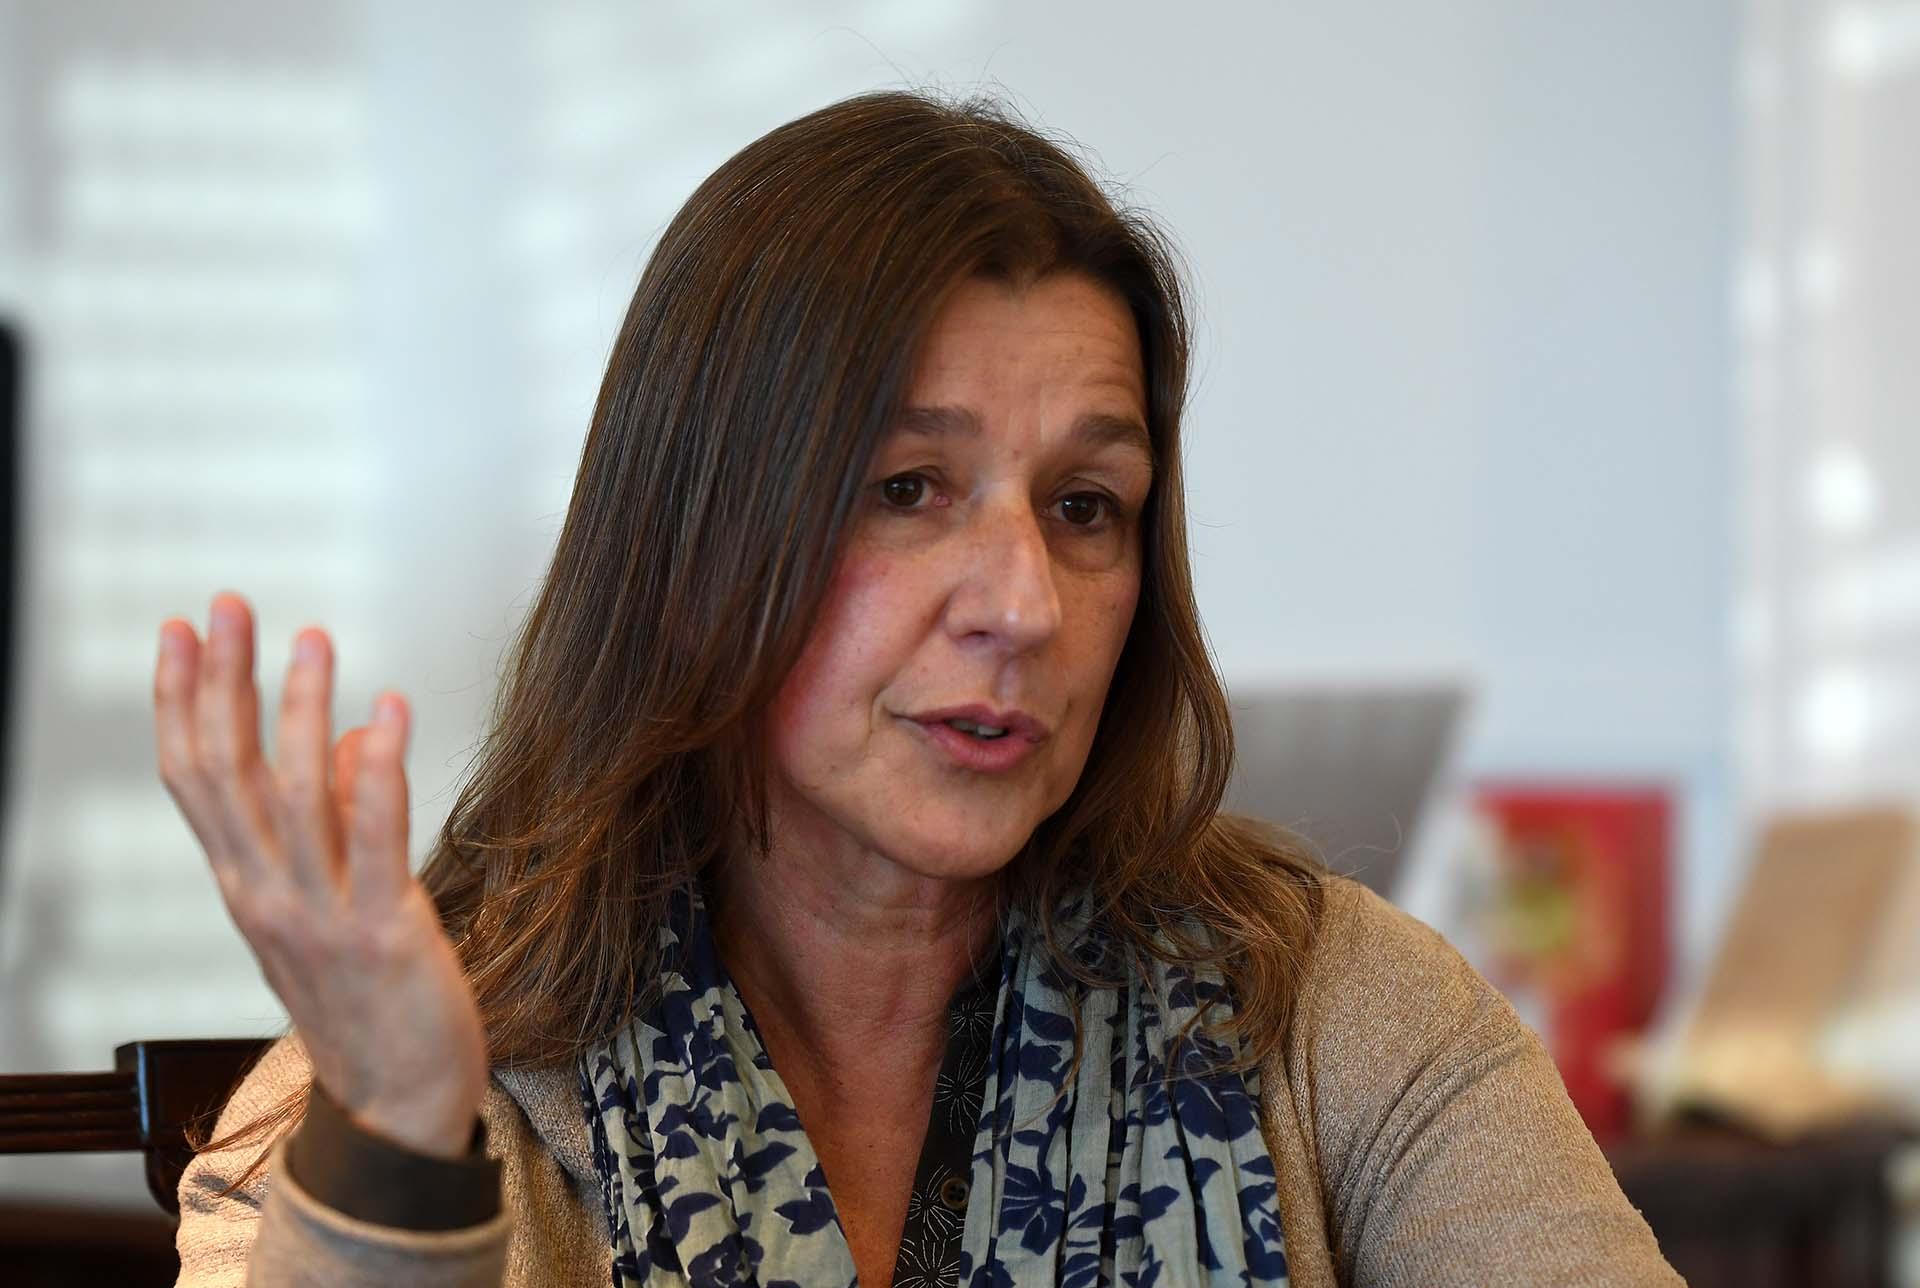 Sabina Frederic también se diferenció del Presidente y criticó a la profesora K que adoctrina estudiantes